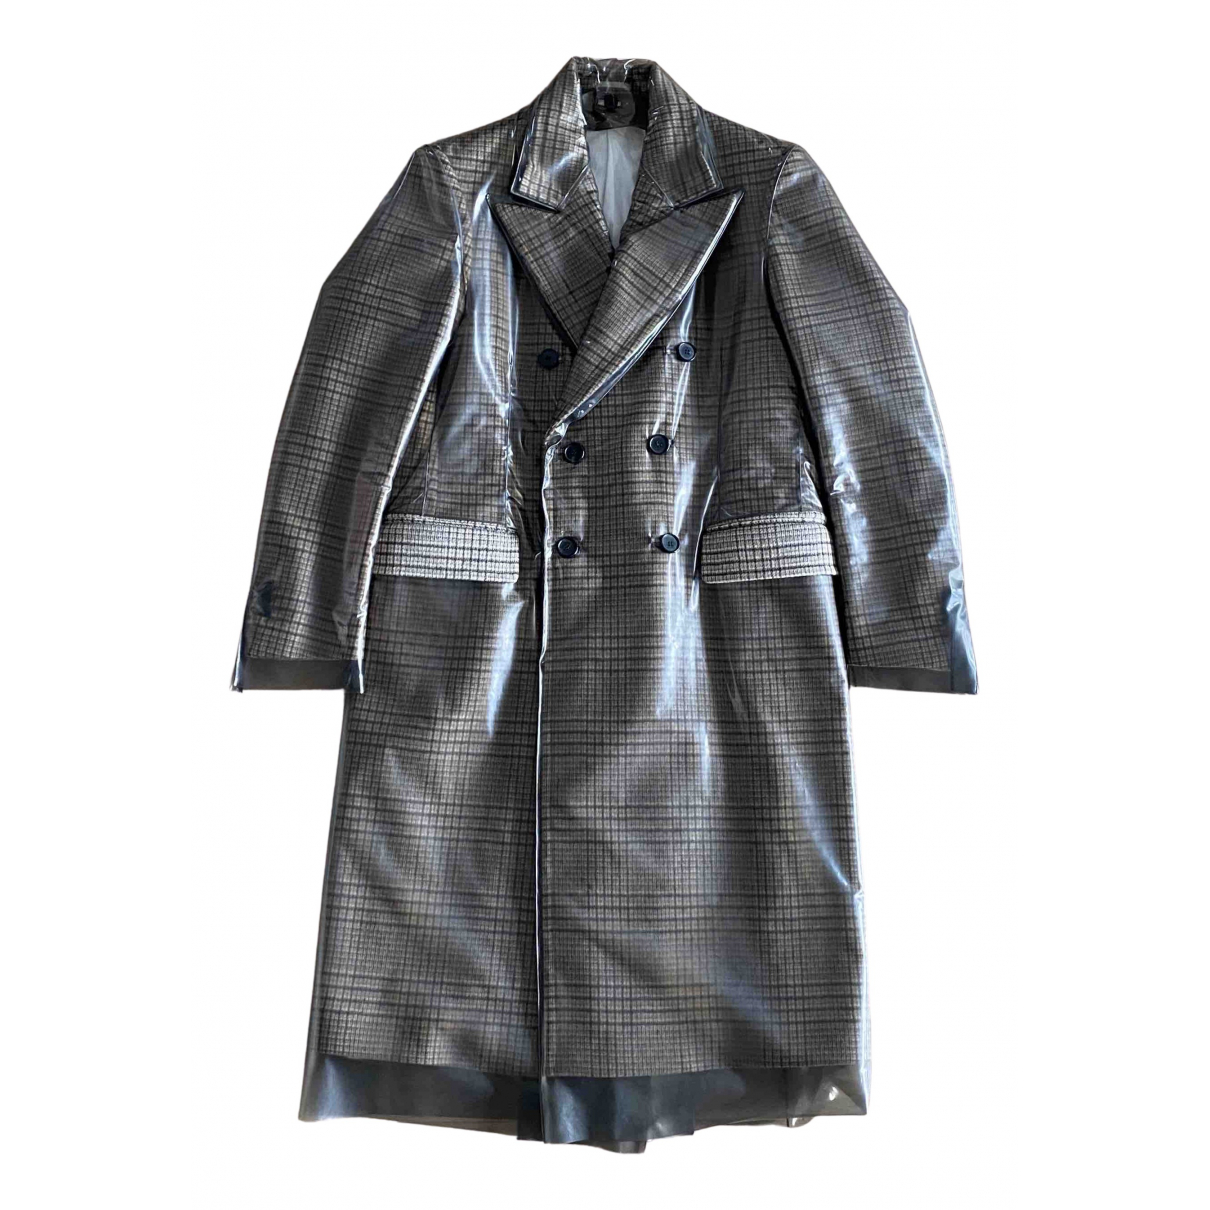 Calvin Klein 205w39nyc - Manteau   pour homme en laine - beige